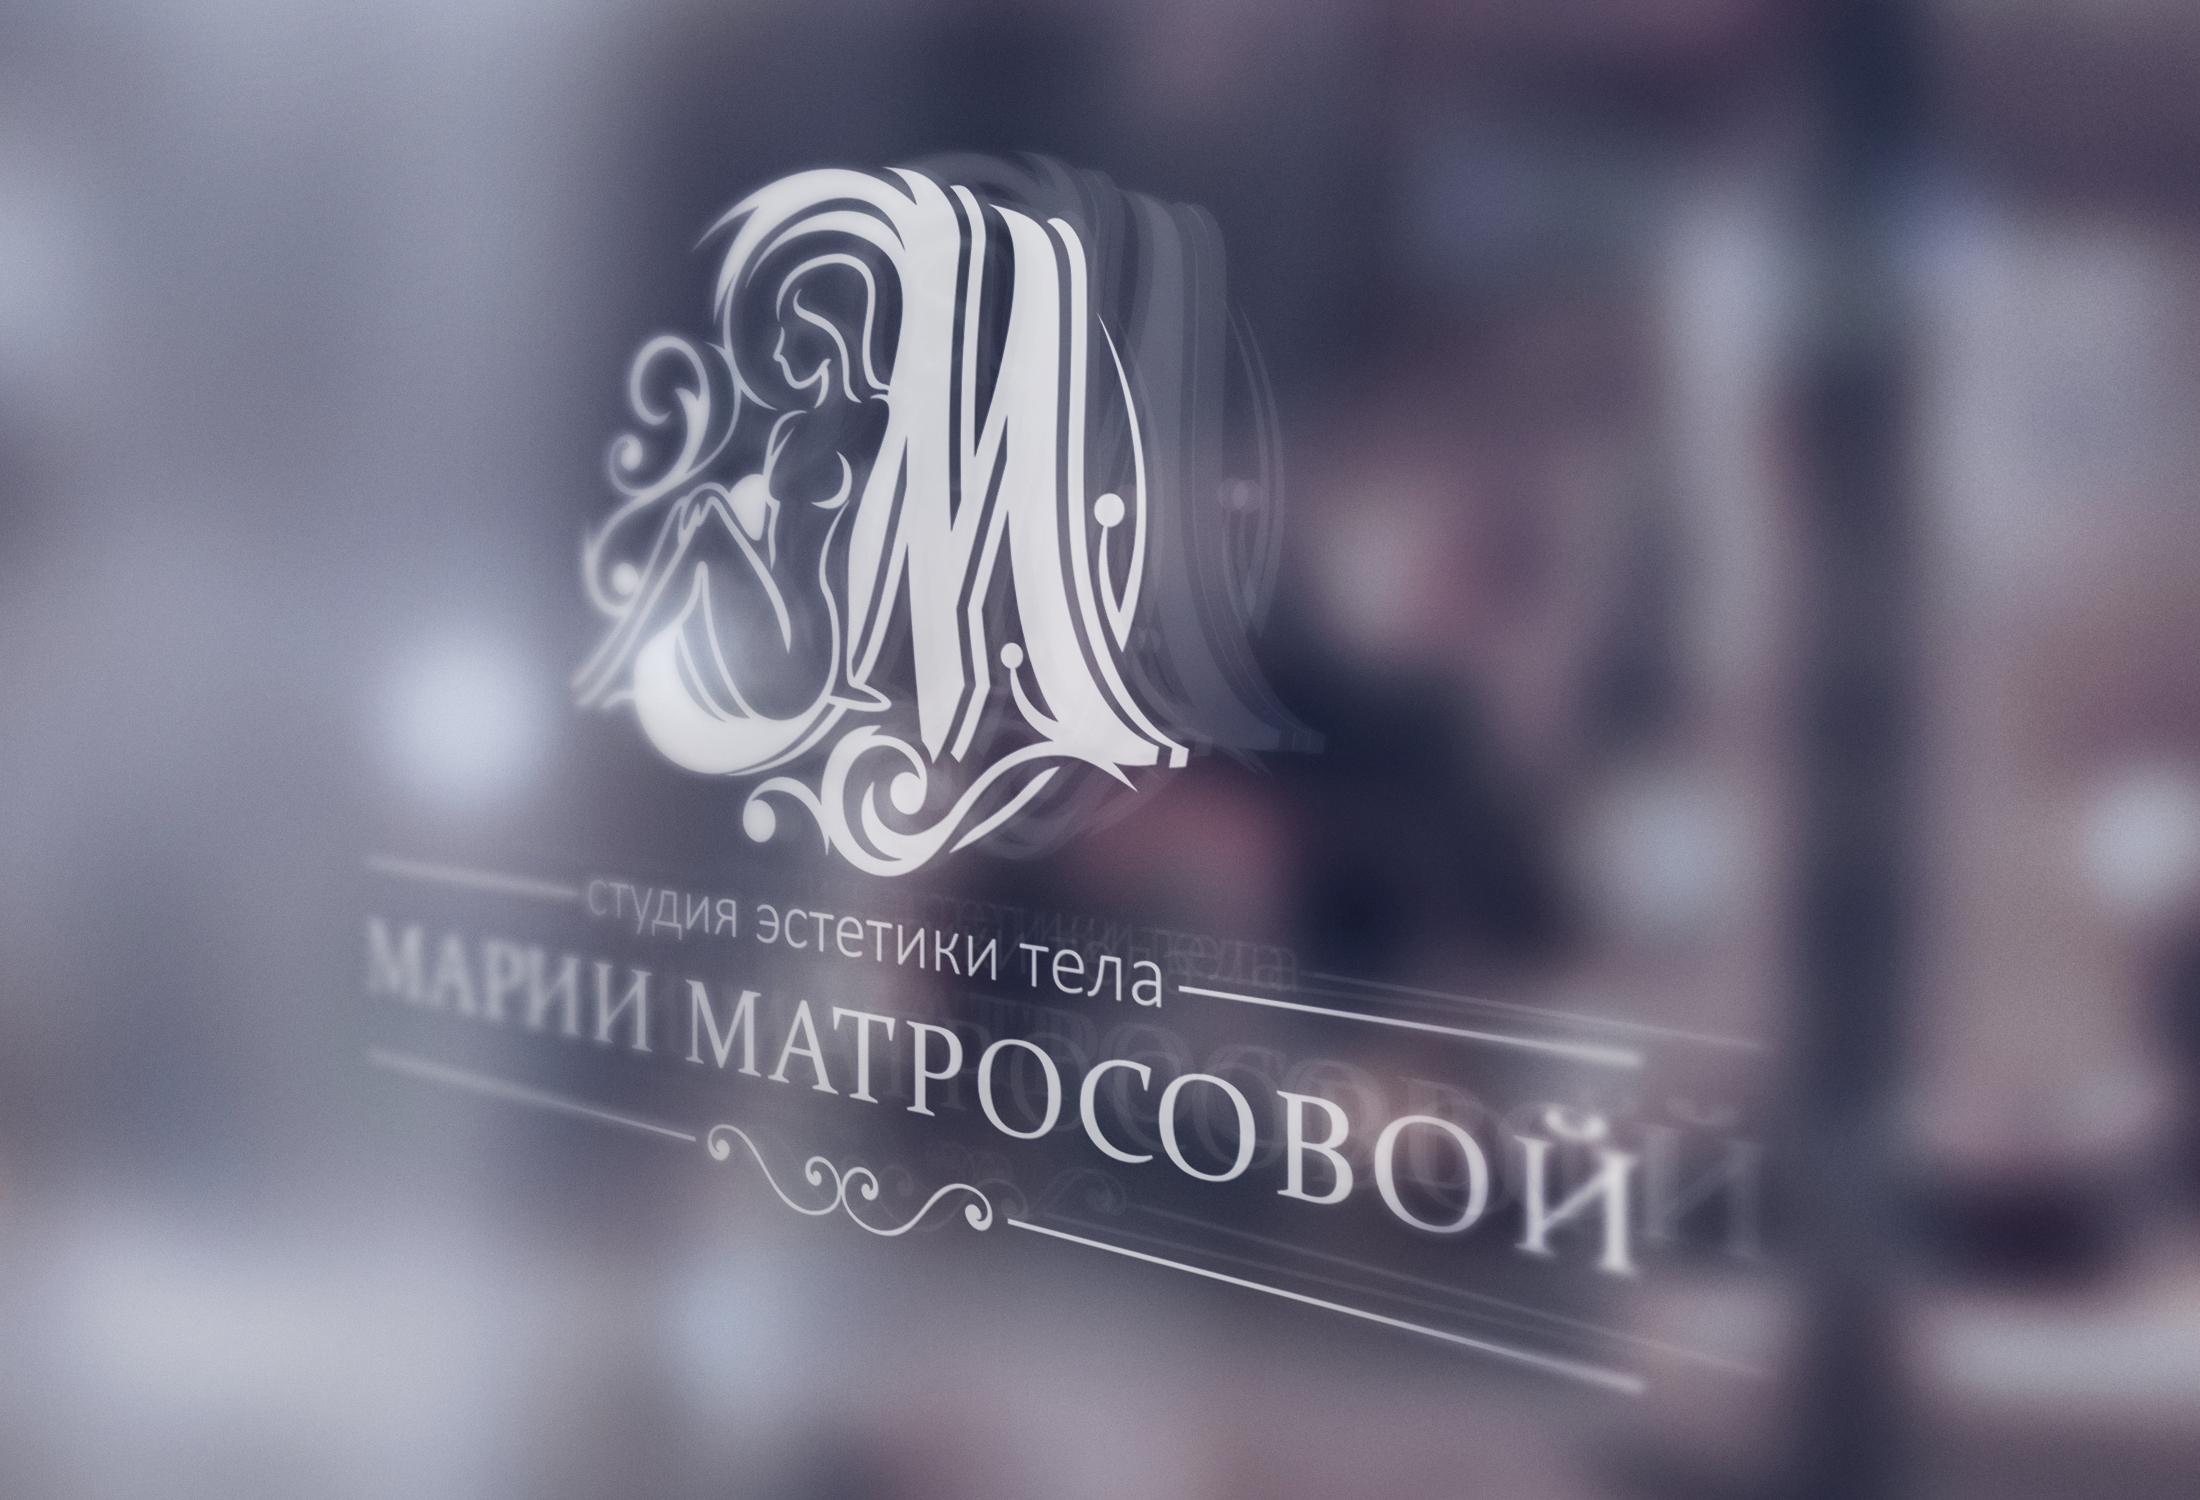 Логотип для Марии Матросовой